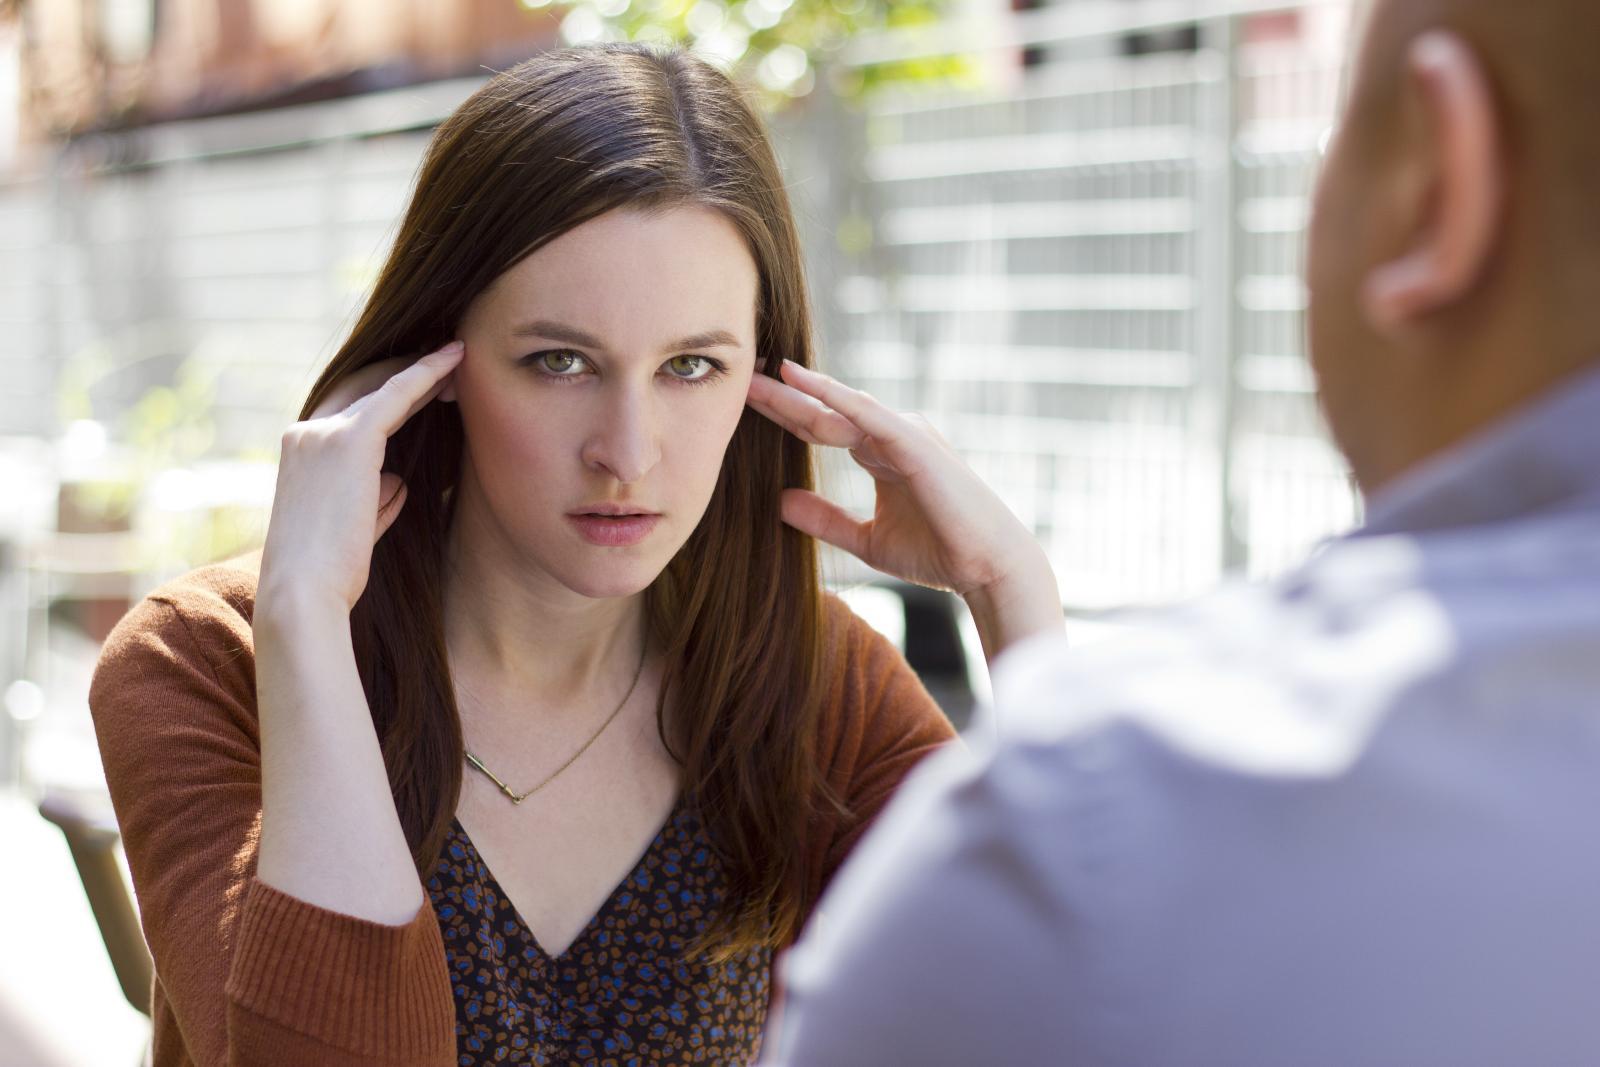 Consecințele comportamentului poruncitor al femeii | Doxologia